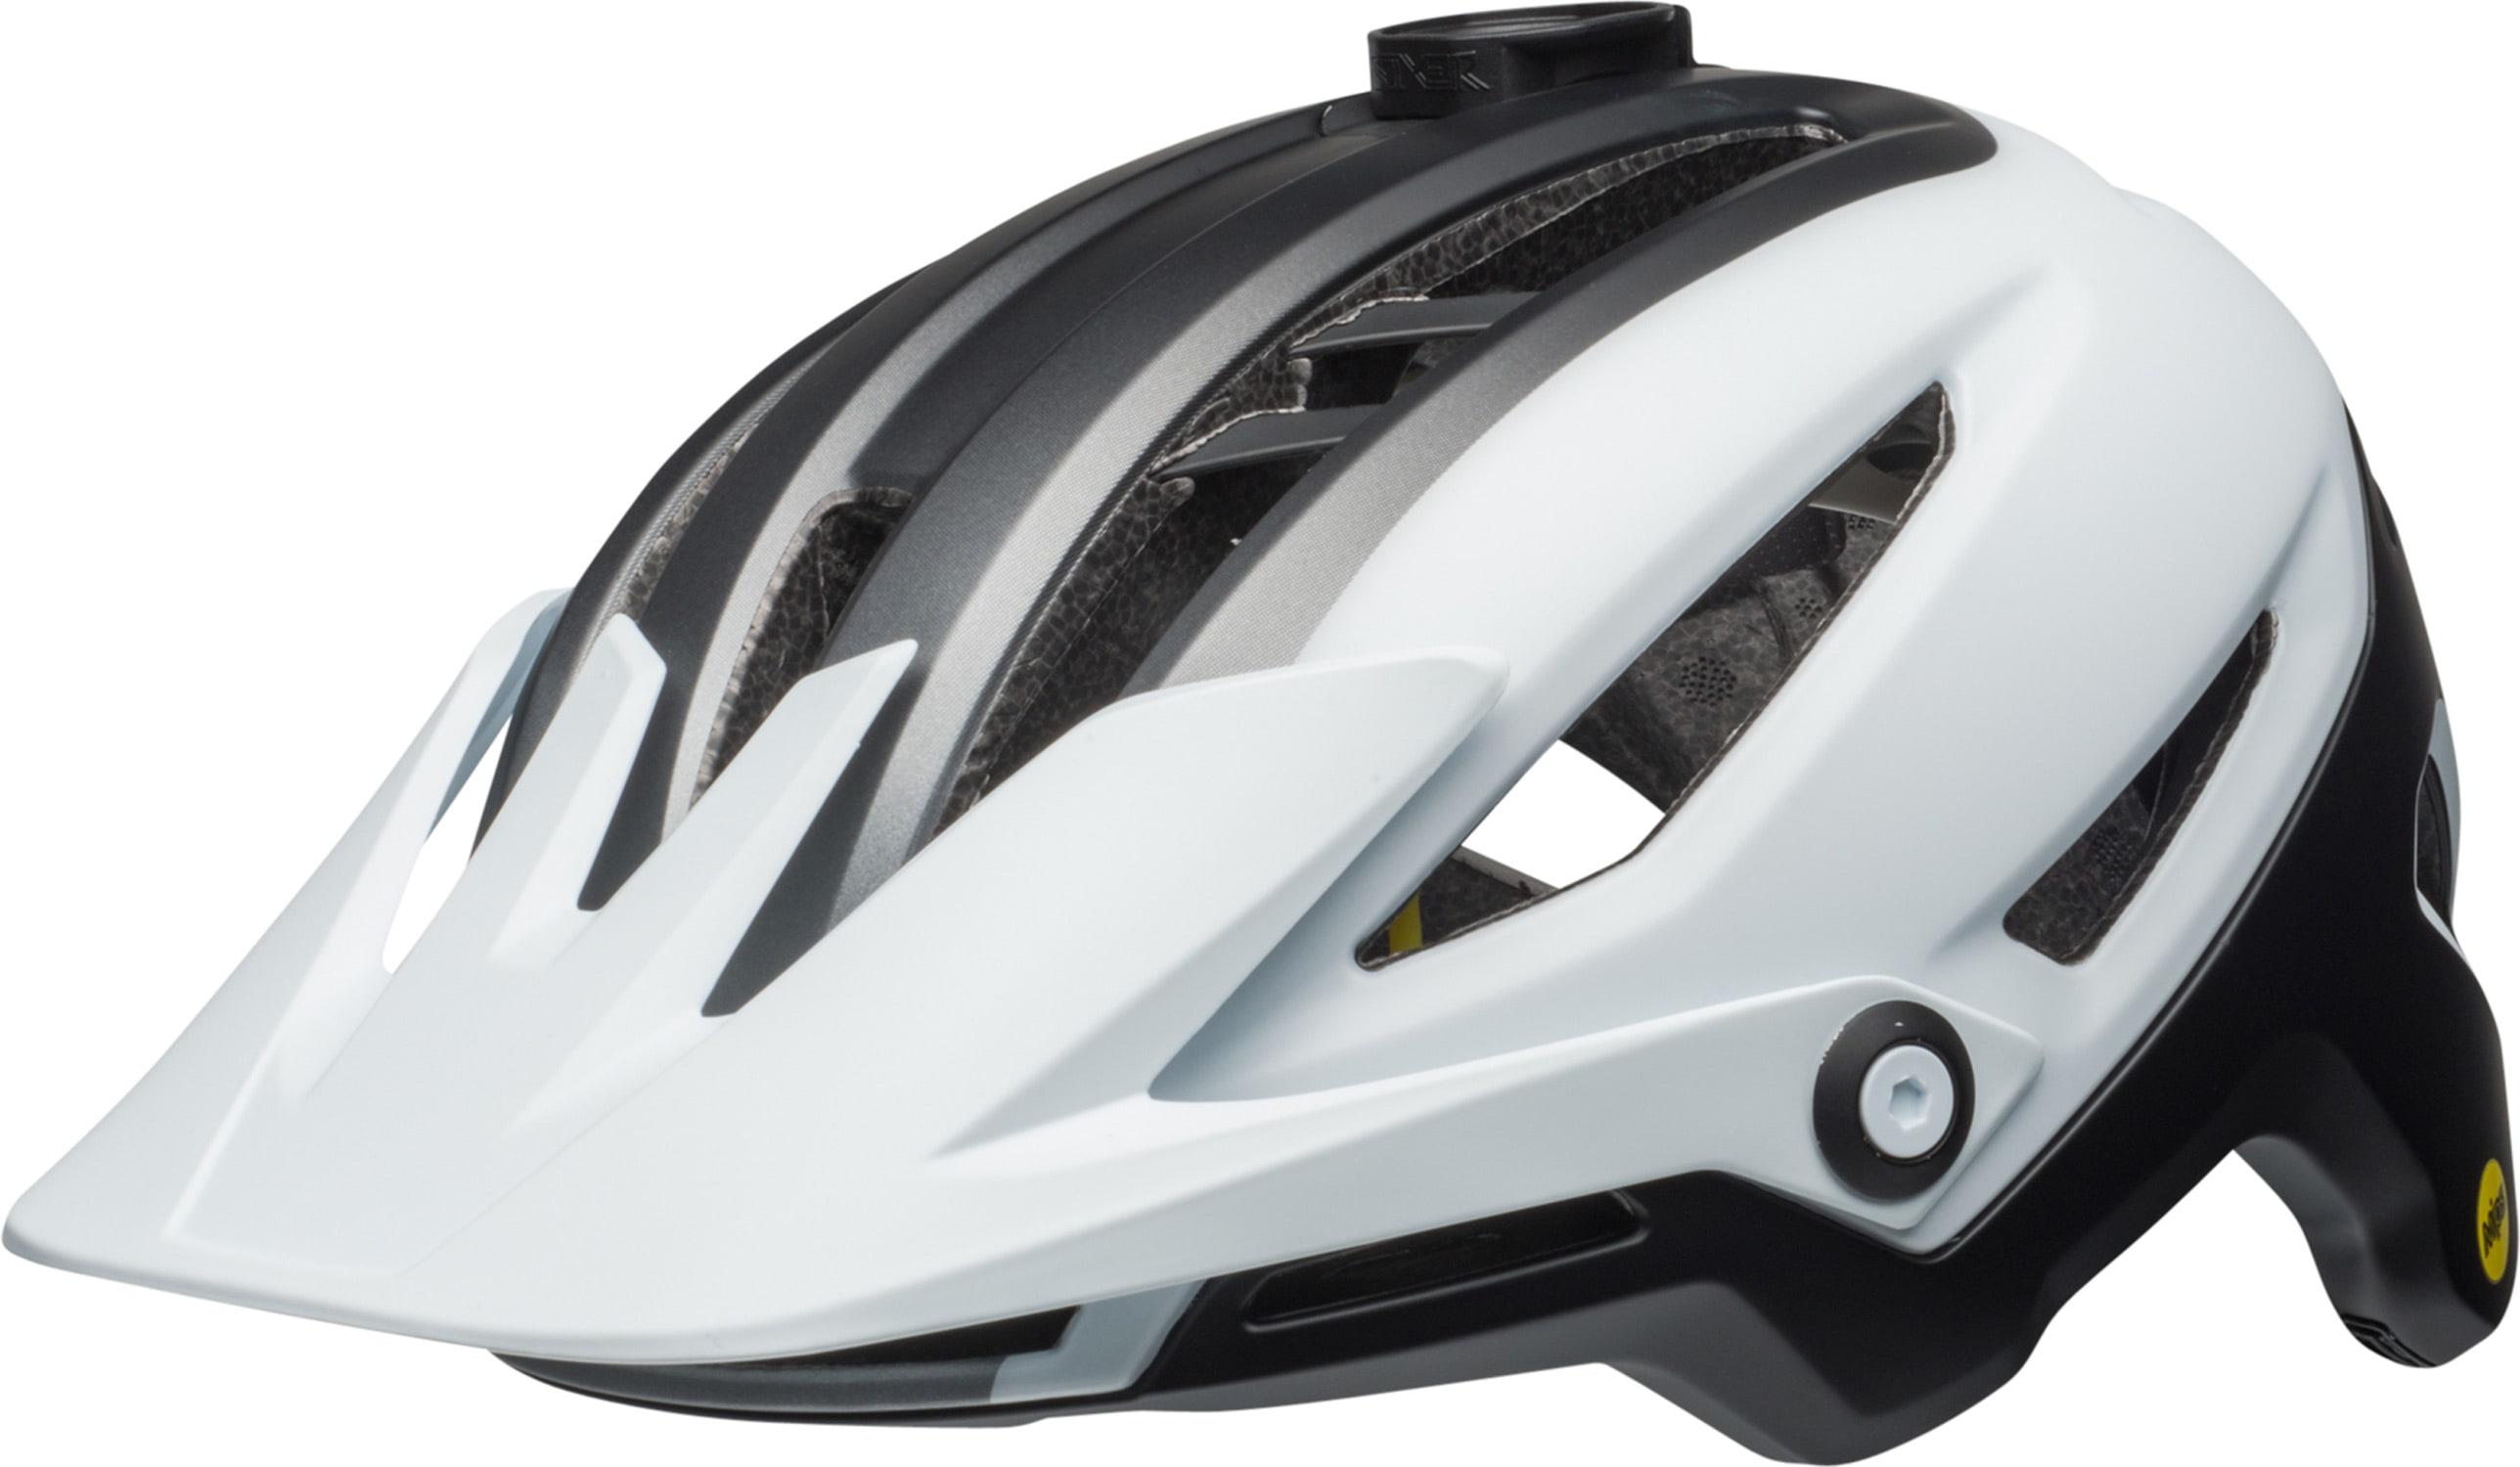 bell sixer mips bike helmet. Black Bedroom Furniture Sets. Home Design Ideas